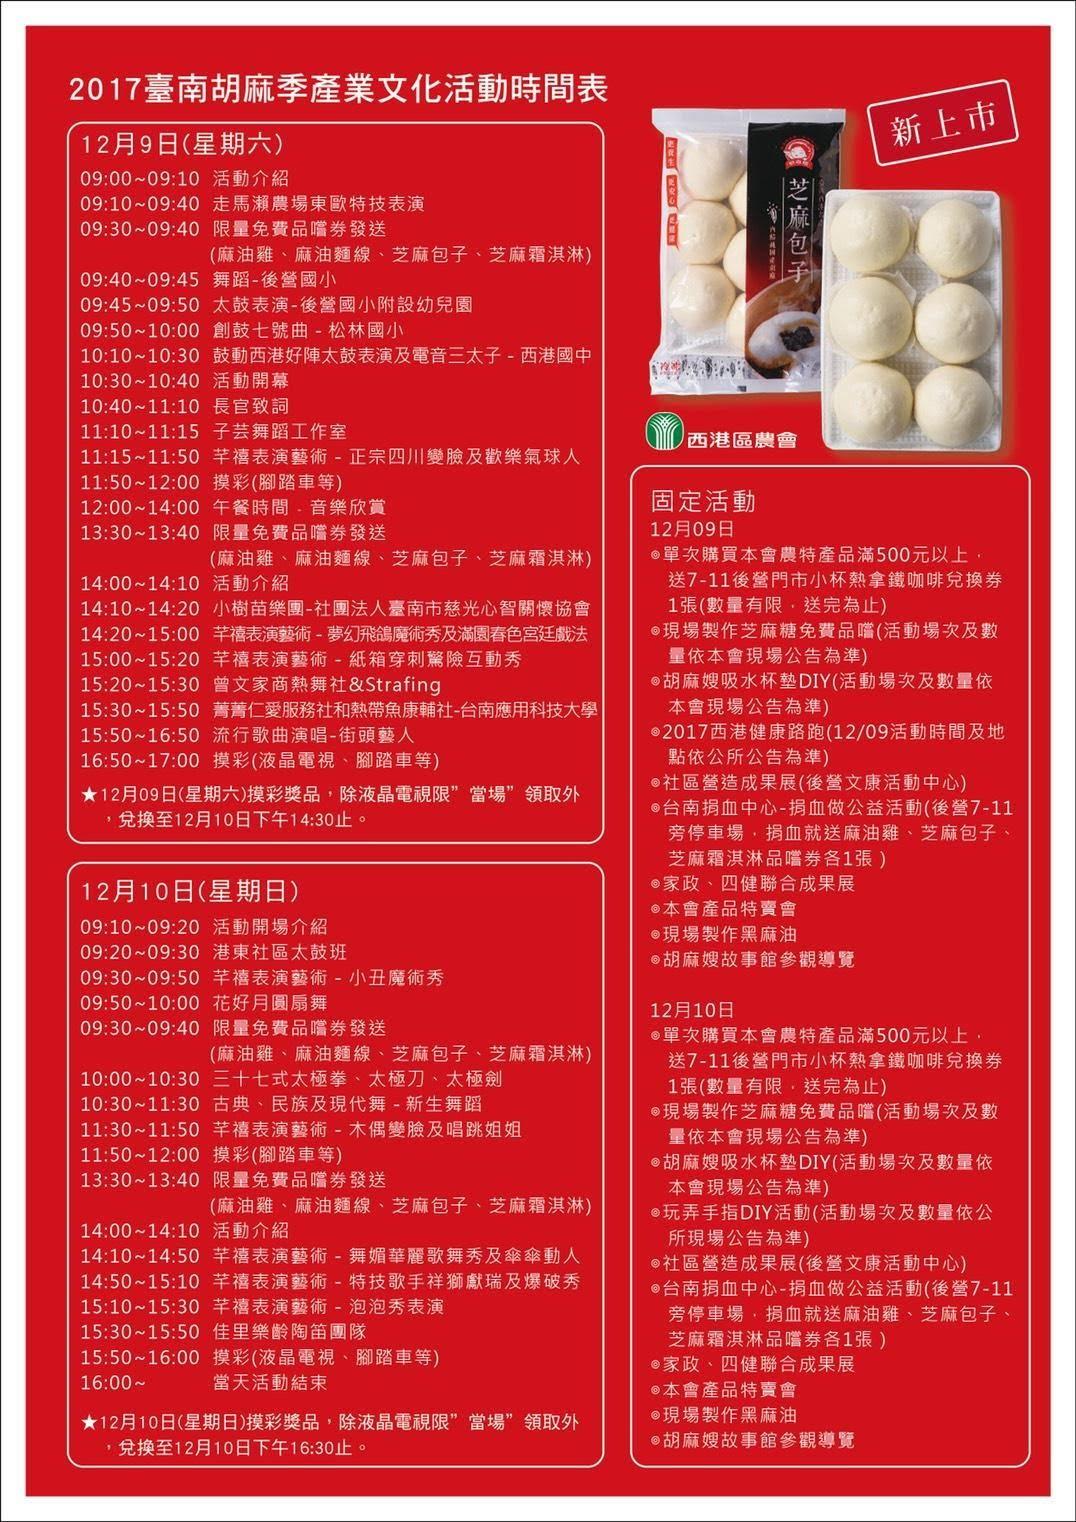 [活動] 2017臺南胡麻季產業文化活動 12/9-10西港農會後營倉庫登場 | 樂活臺南|tainanlohas.cc